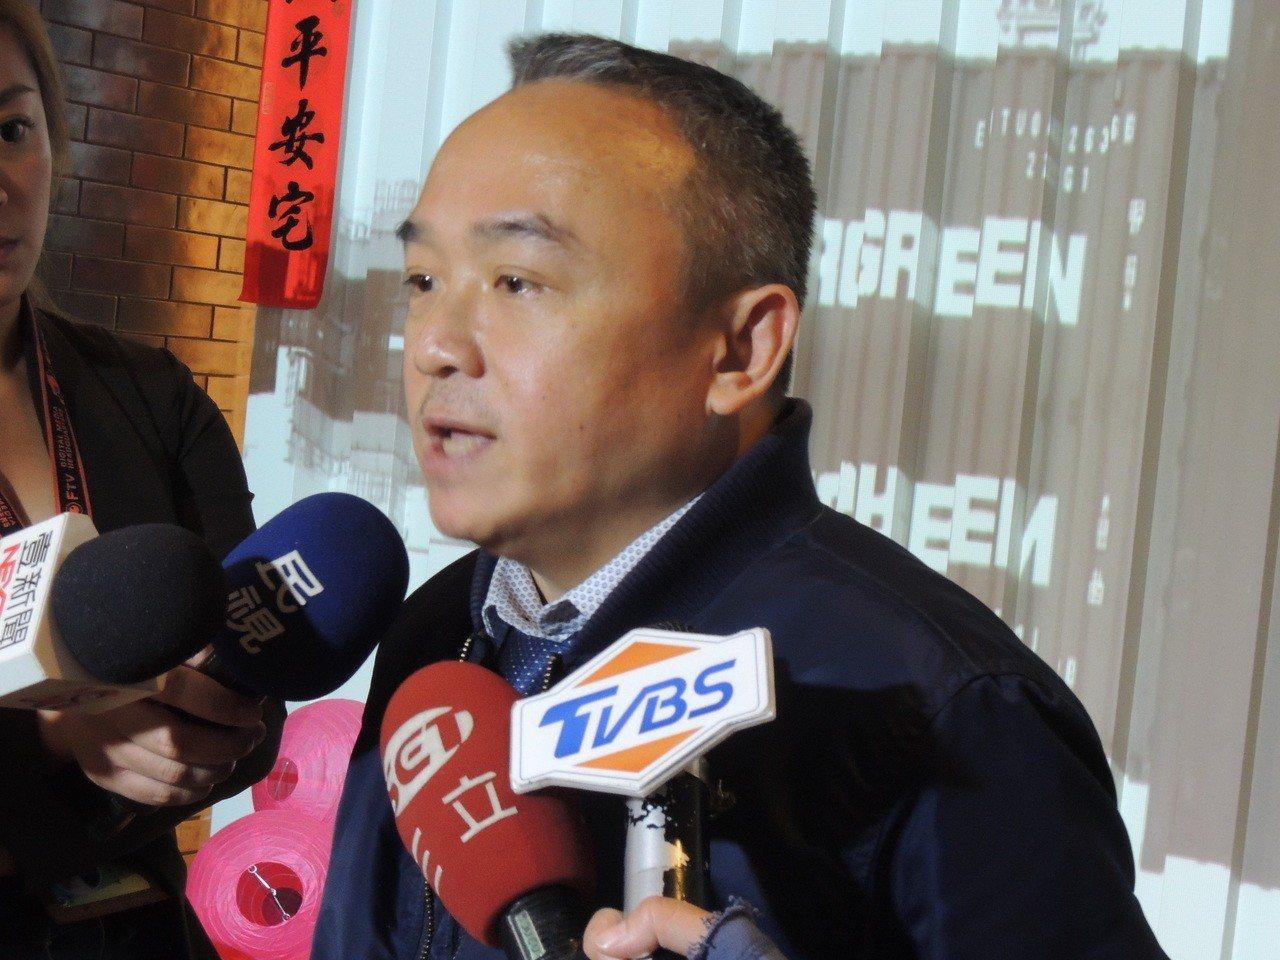 高市觀光局長潘恒旭證實,確實是吳敦義請他幫忙韓國瑜。記者謝梅芬/攝影